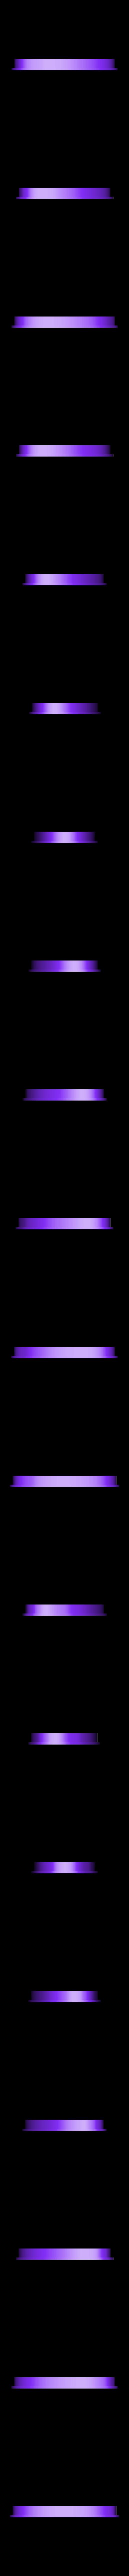 Escudo Batman 50x95mm.stl Télécharger fichier STL gratuit Logo de Batman, coupeur de biscuits • Plan à imprimer en 3D, insua_lucas